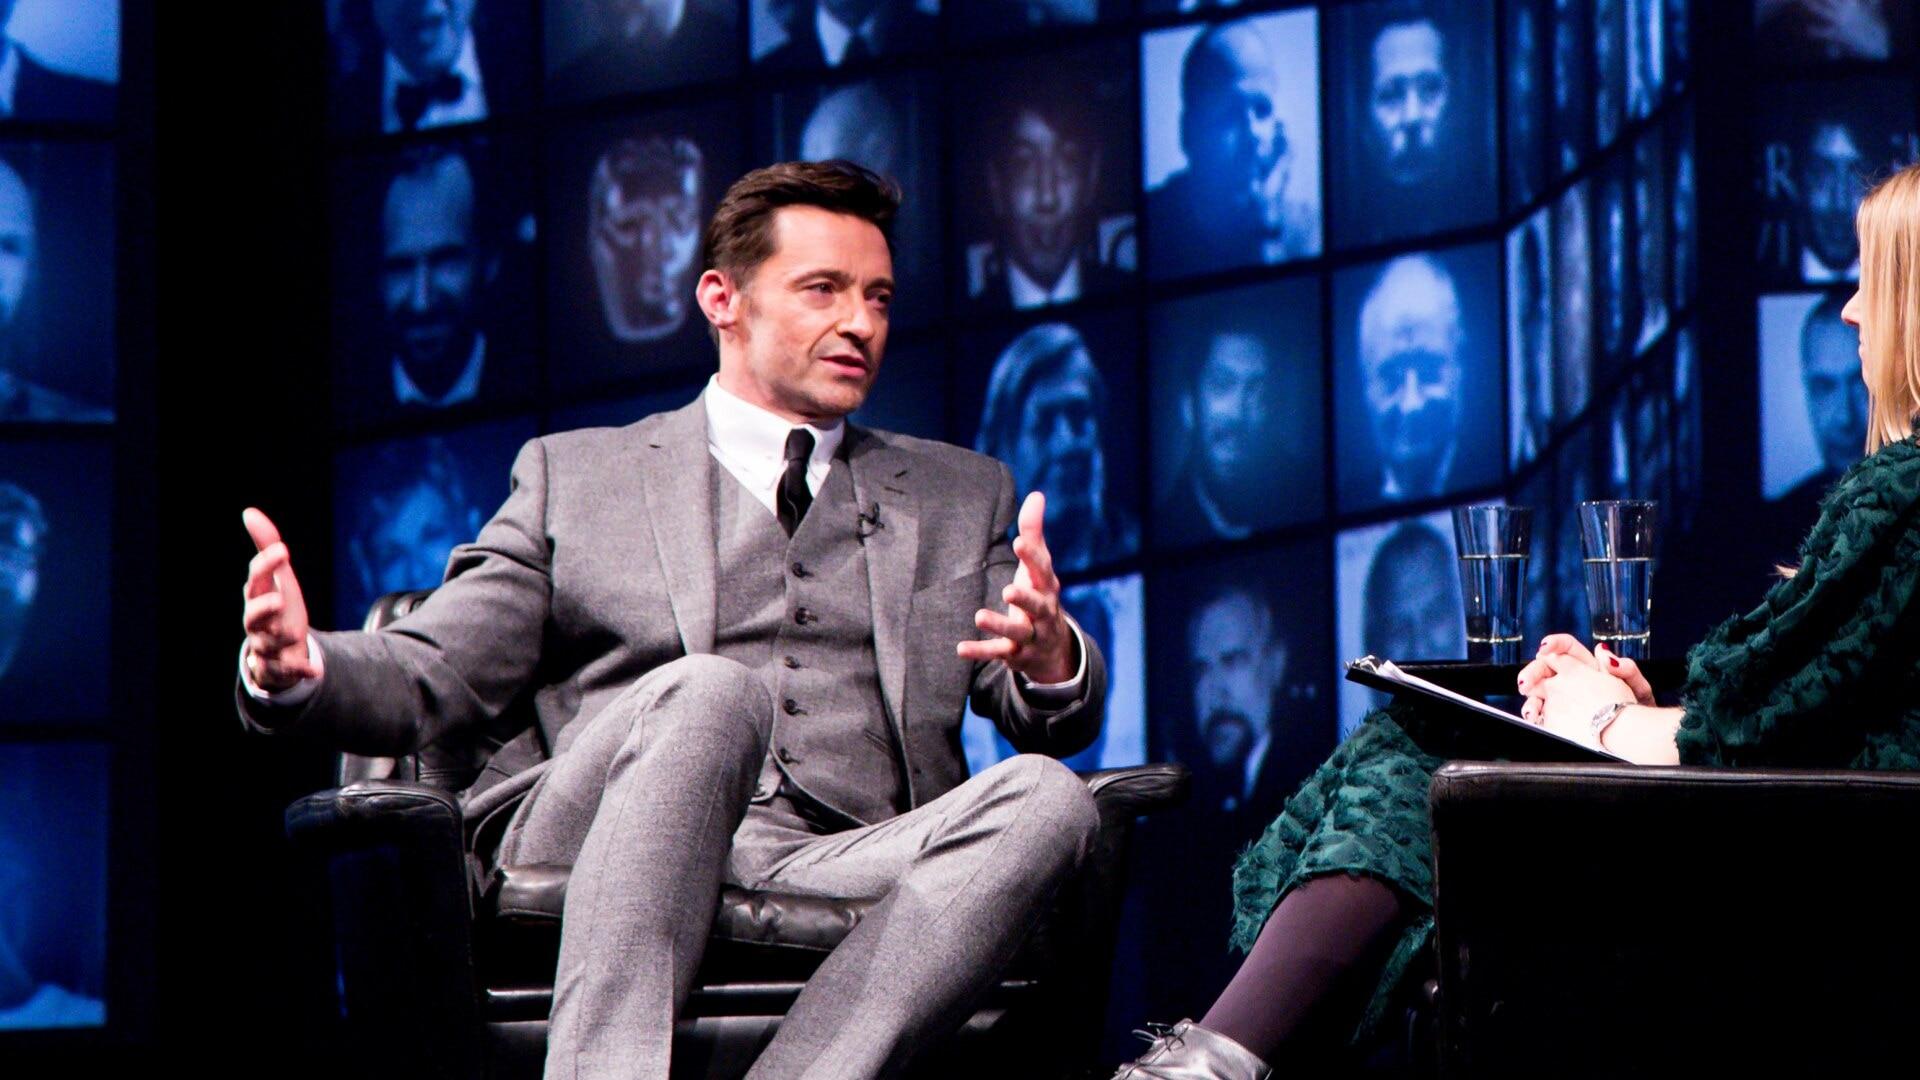 Bafta: Hugh Jackman...Life In Pictures